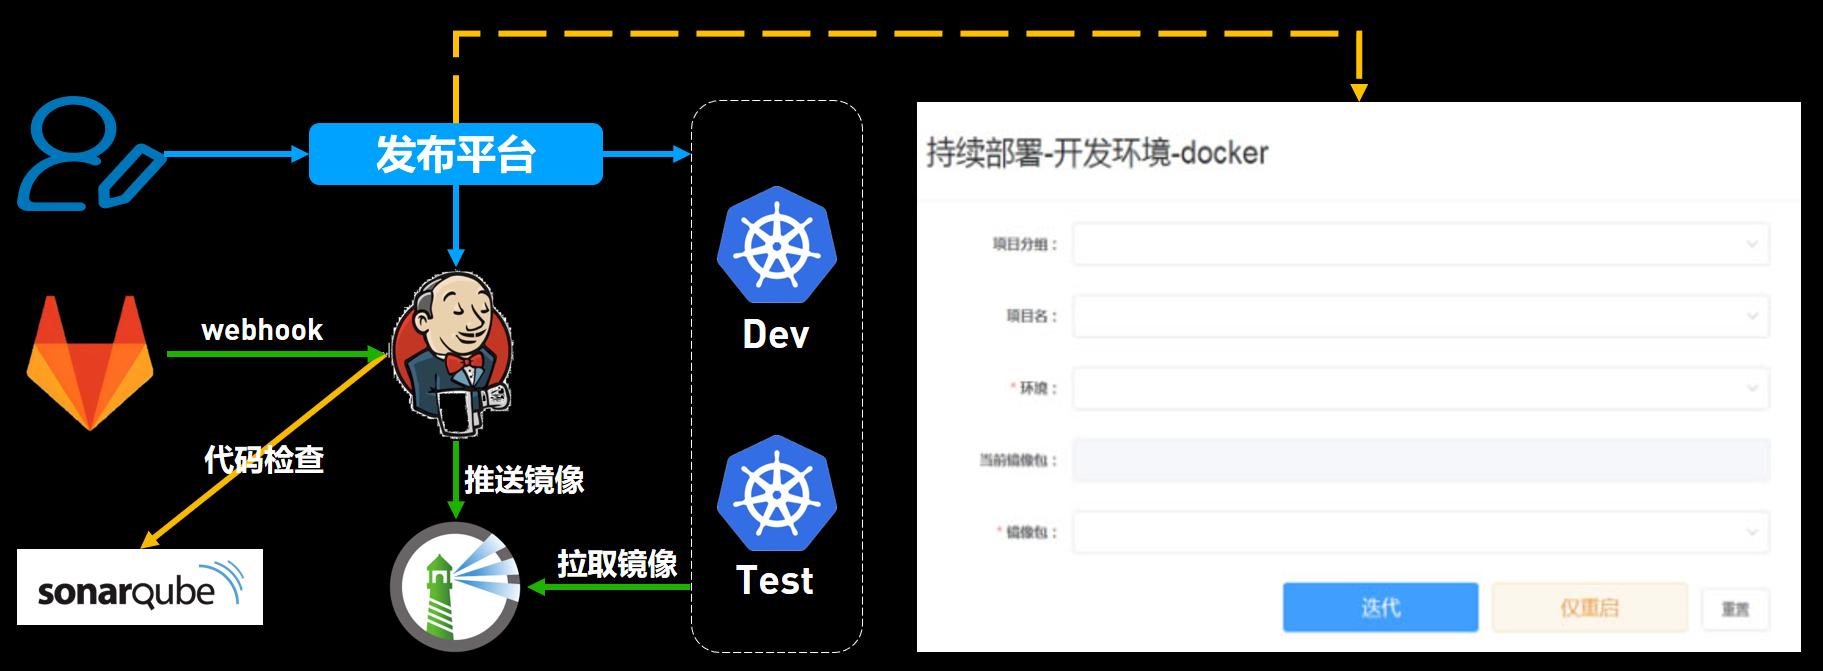 简易发布平台和 CI/CD 流程